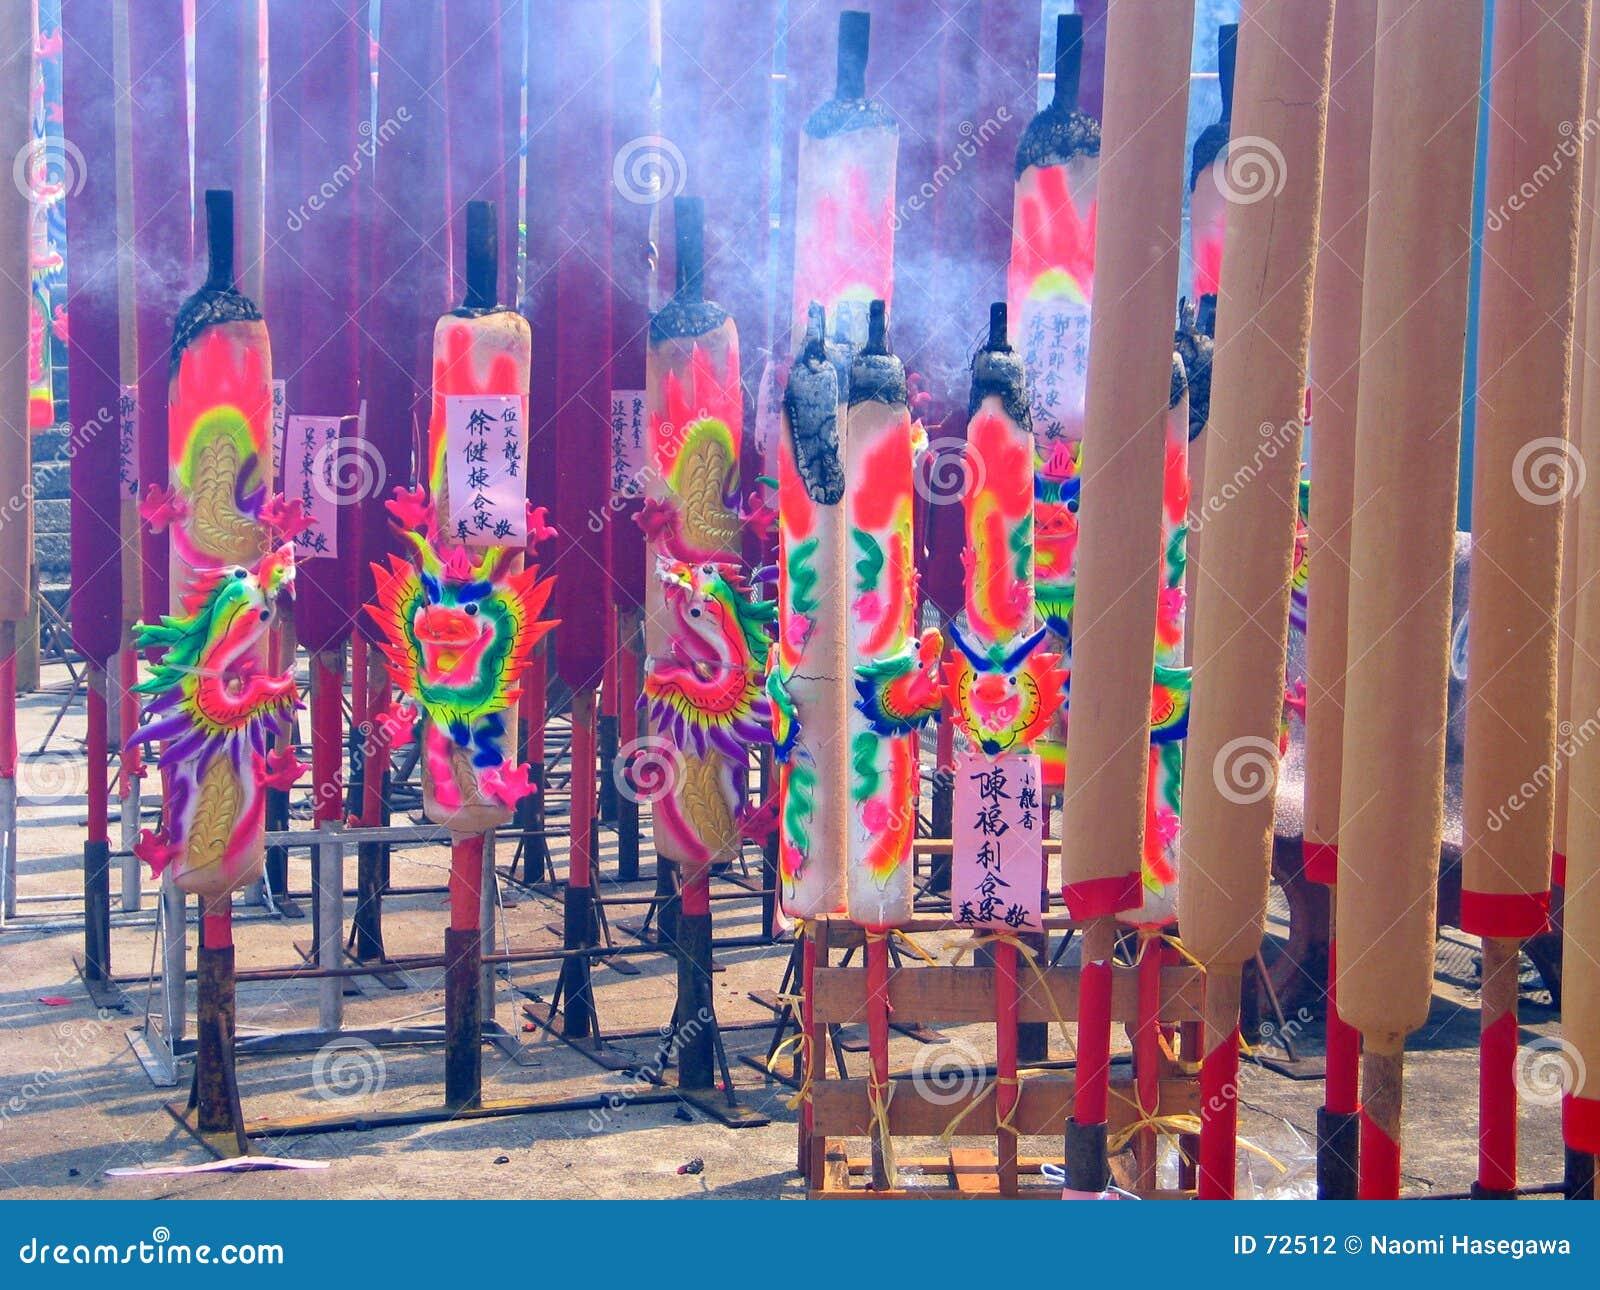 ραβδιά κινέζικων ειδώλων